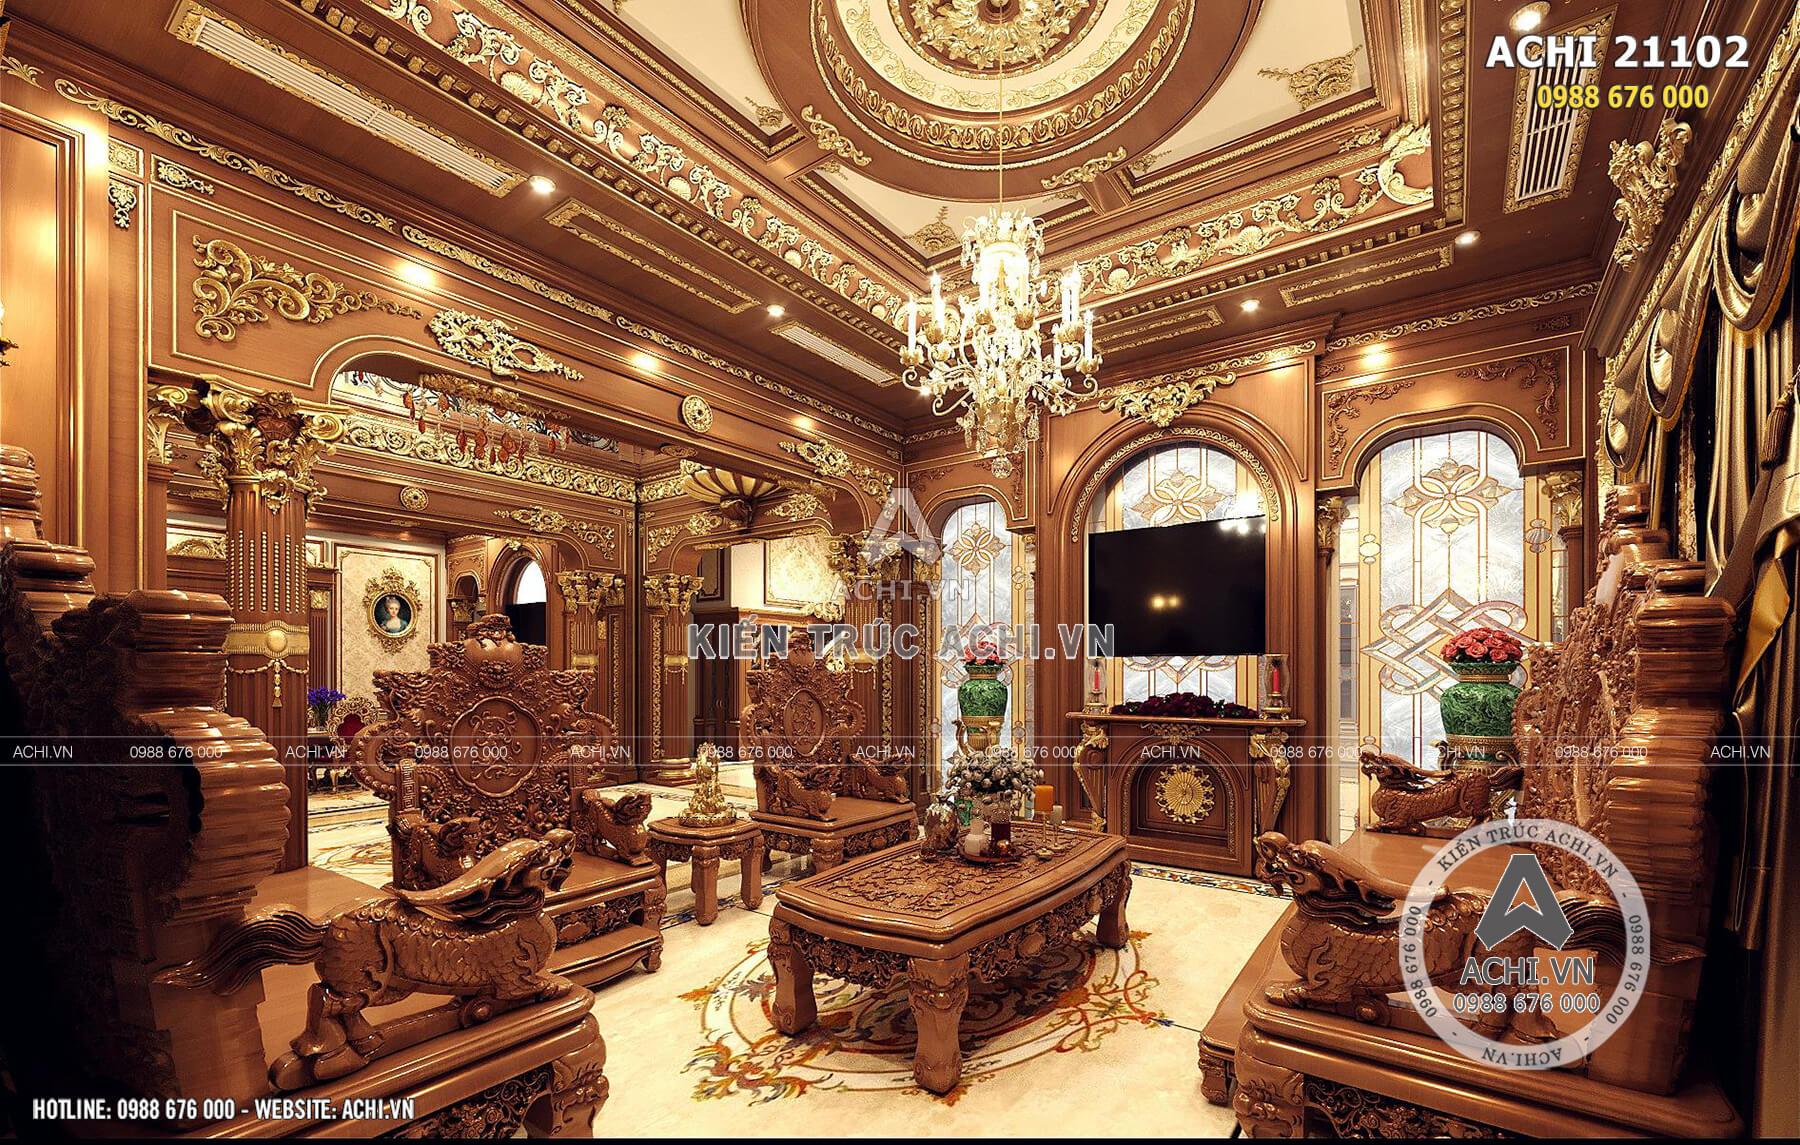 Nội thất phòng khách đầy đẳng cấp của tòa lâu đài tân cổ điển